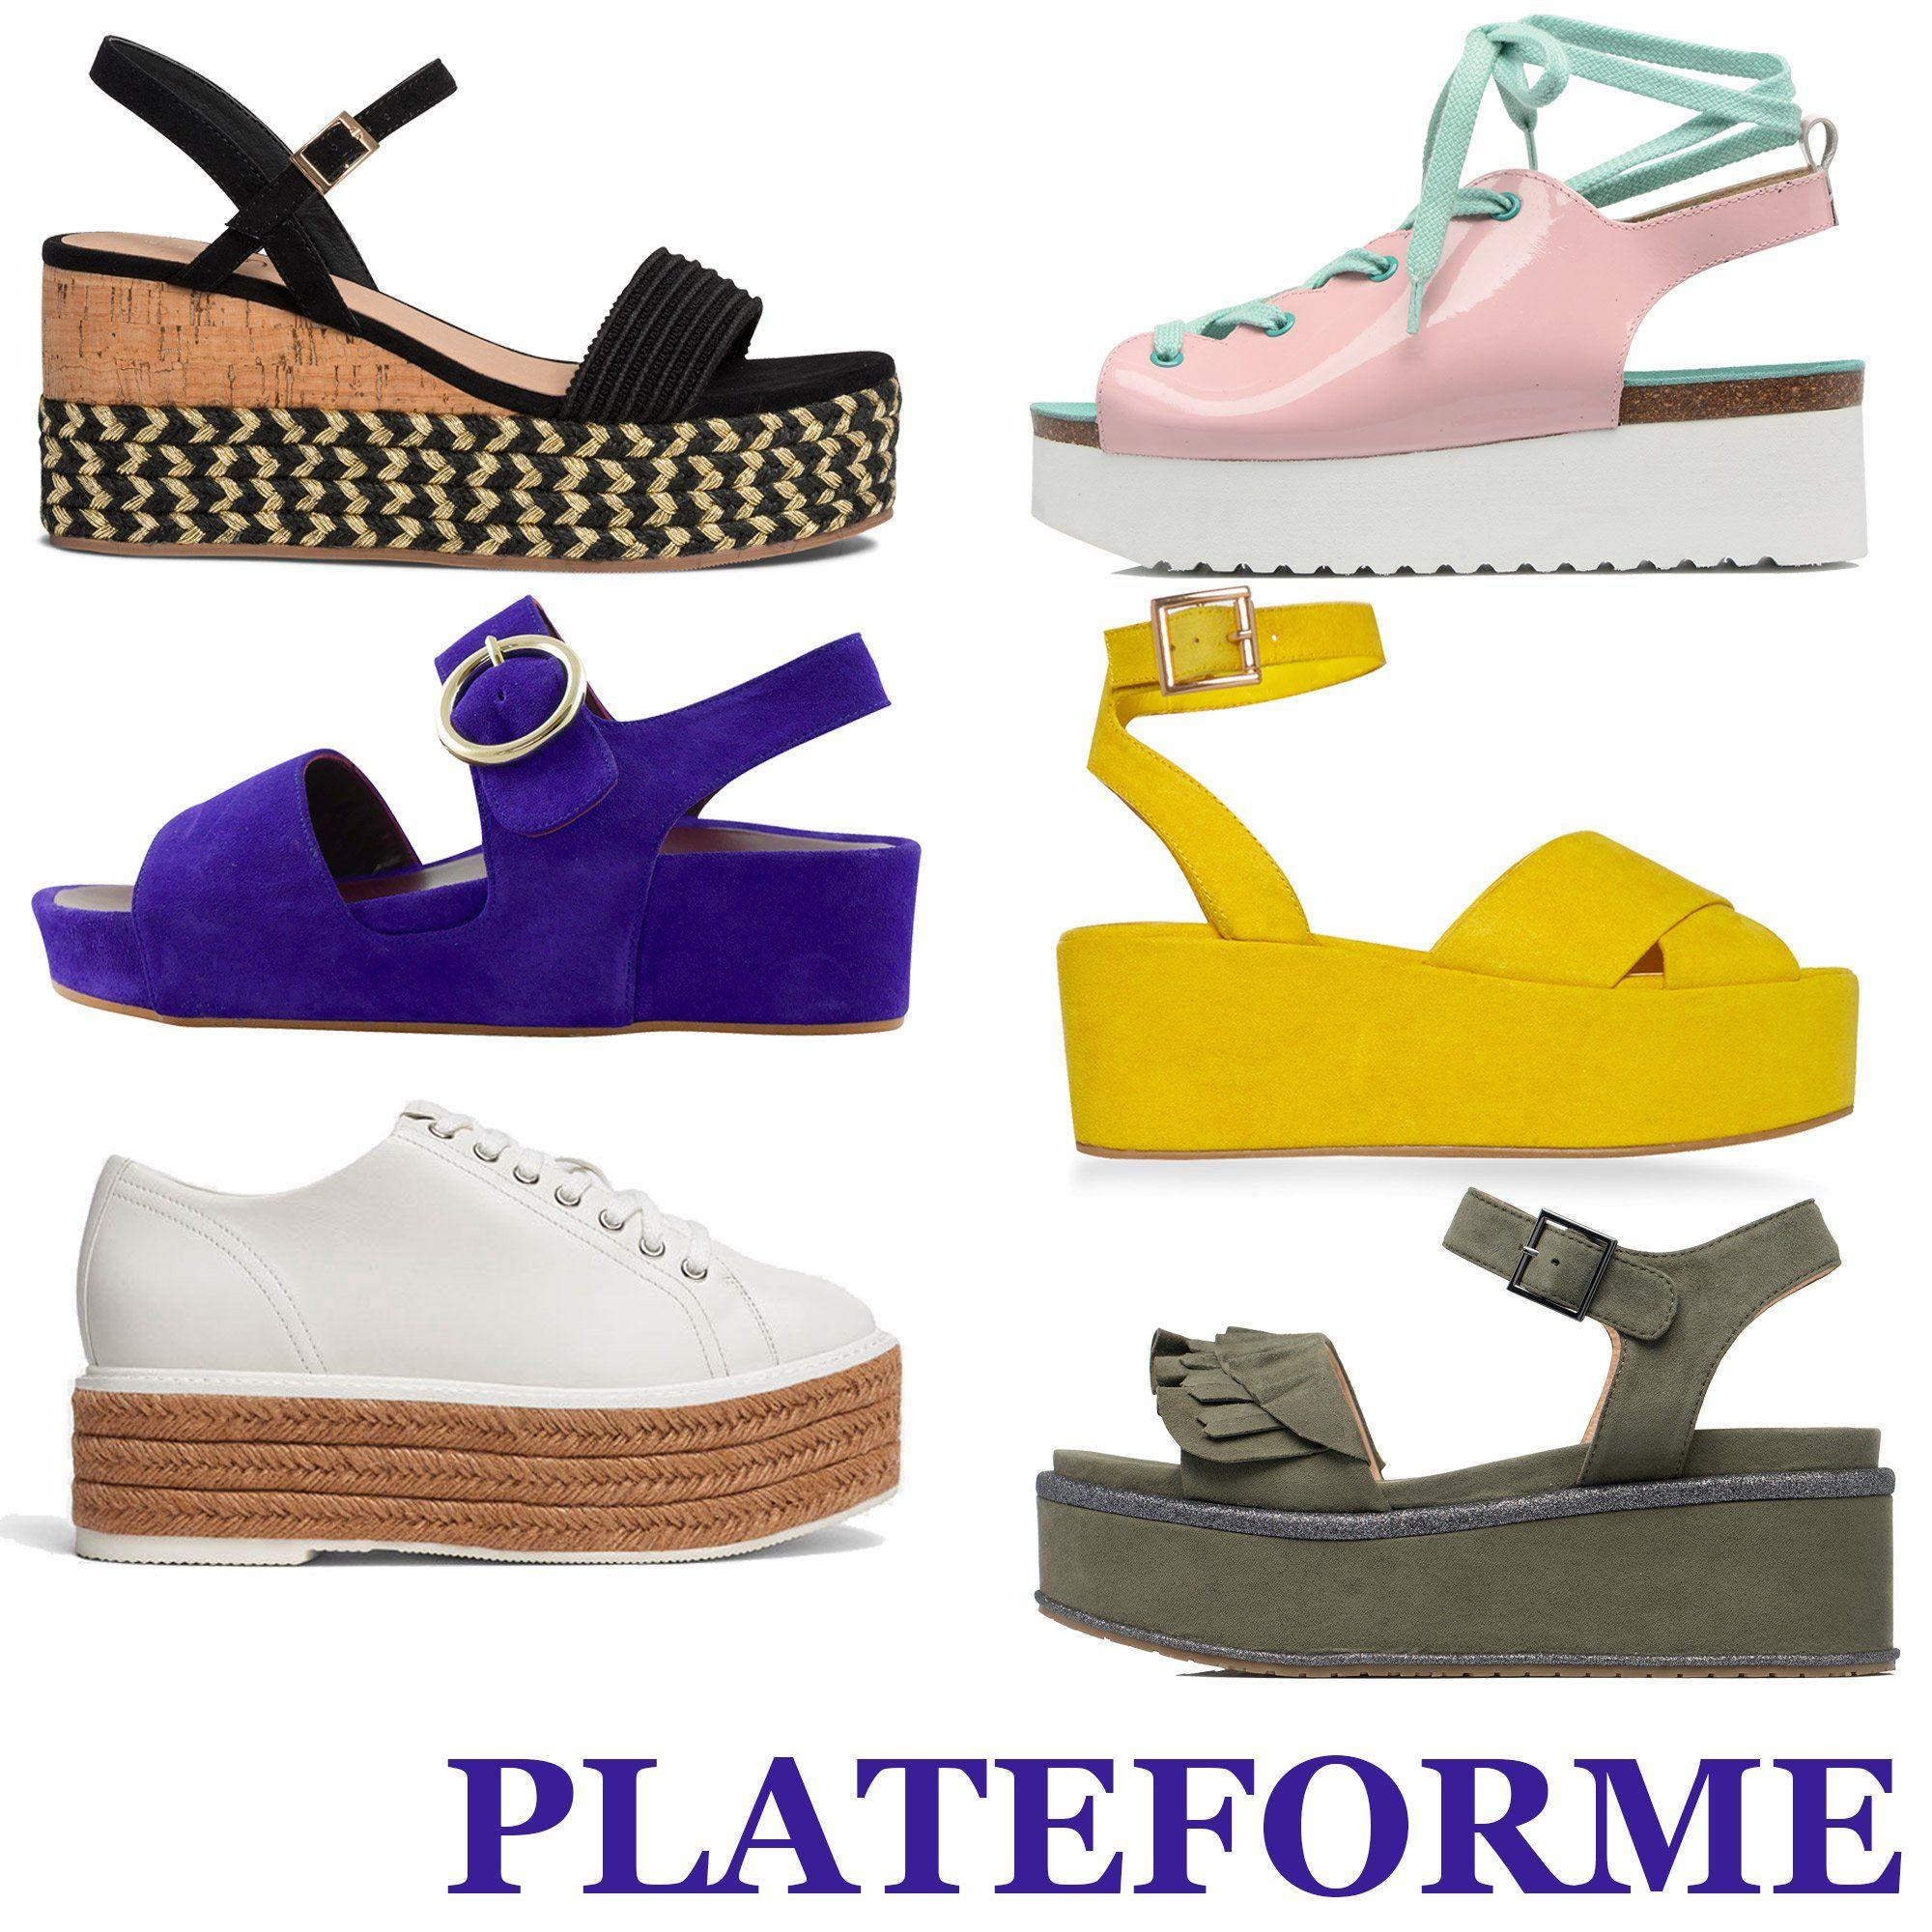 Les Plateformes Tendance Chaussures Printemps été 2018 Chaussure Printemps Sandale Plateforme Chaussure